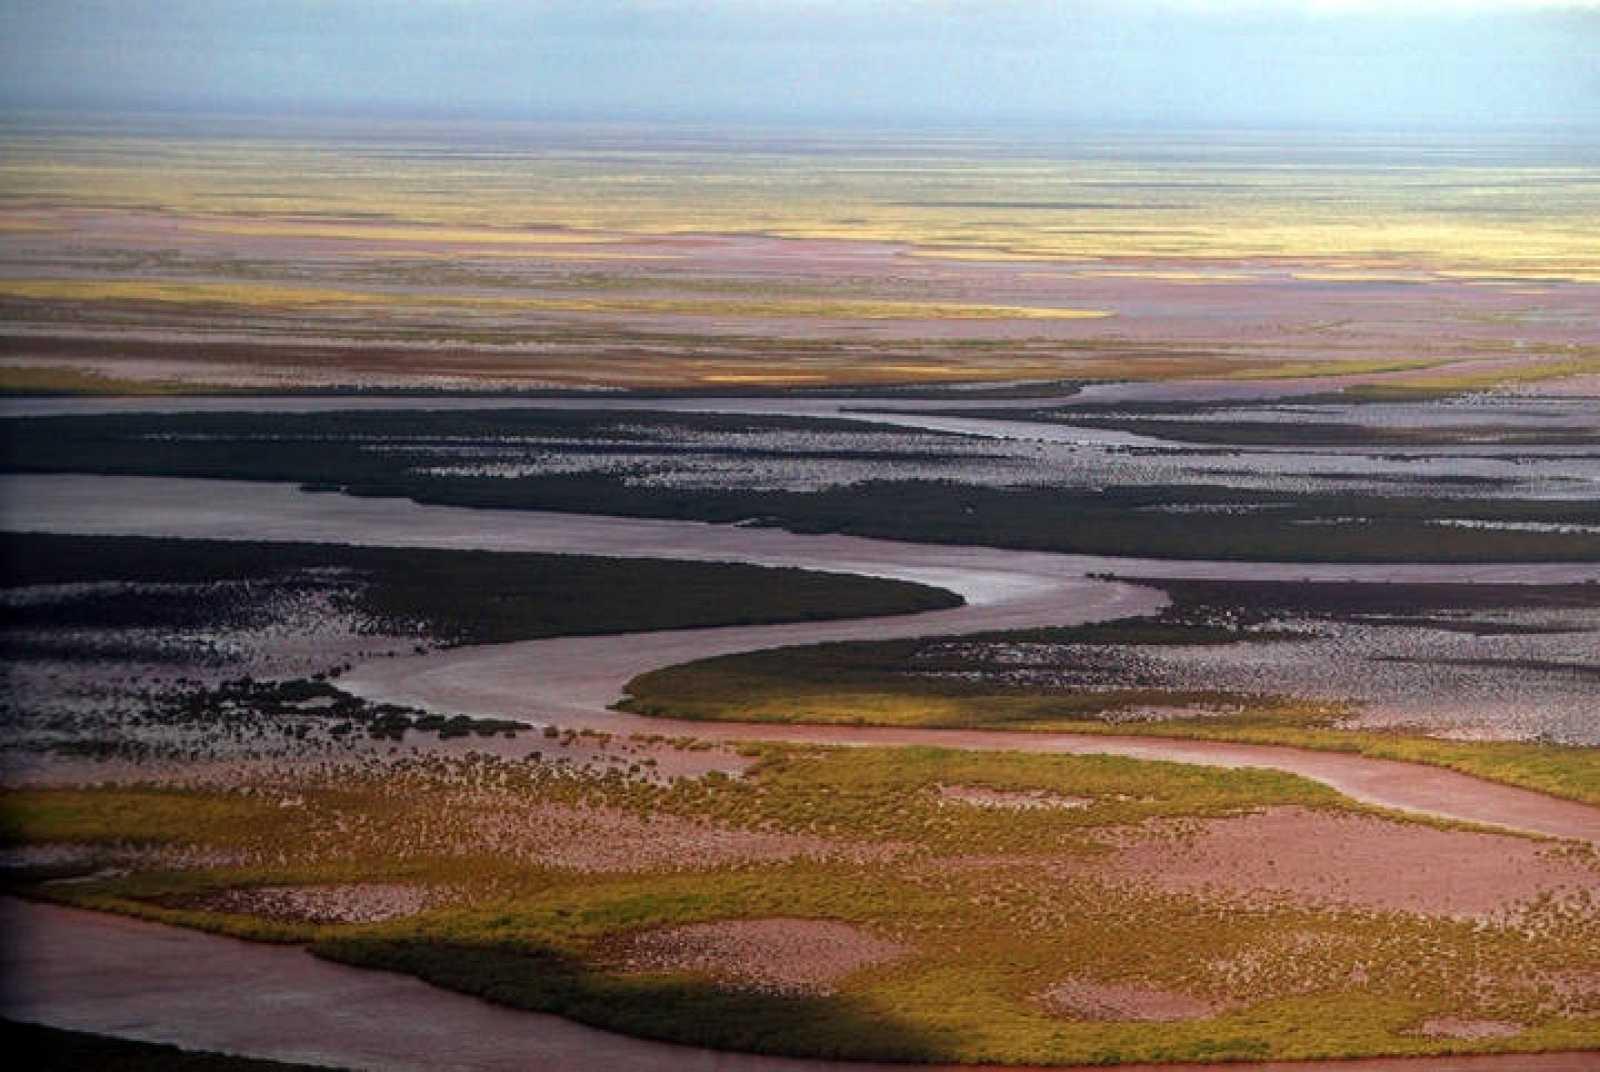 Imagen de la región de Pilbara, en Australia, donde se han hallado los indicios de vida.